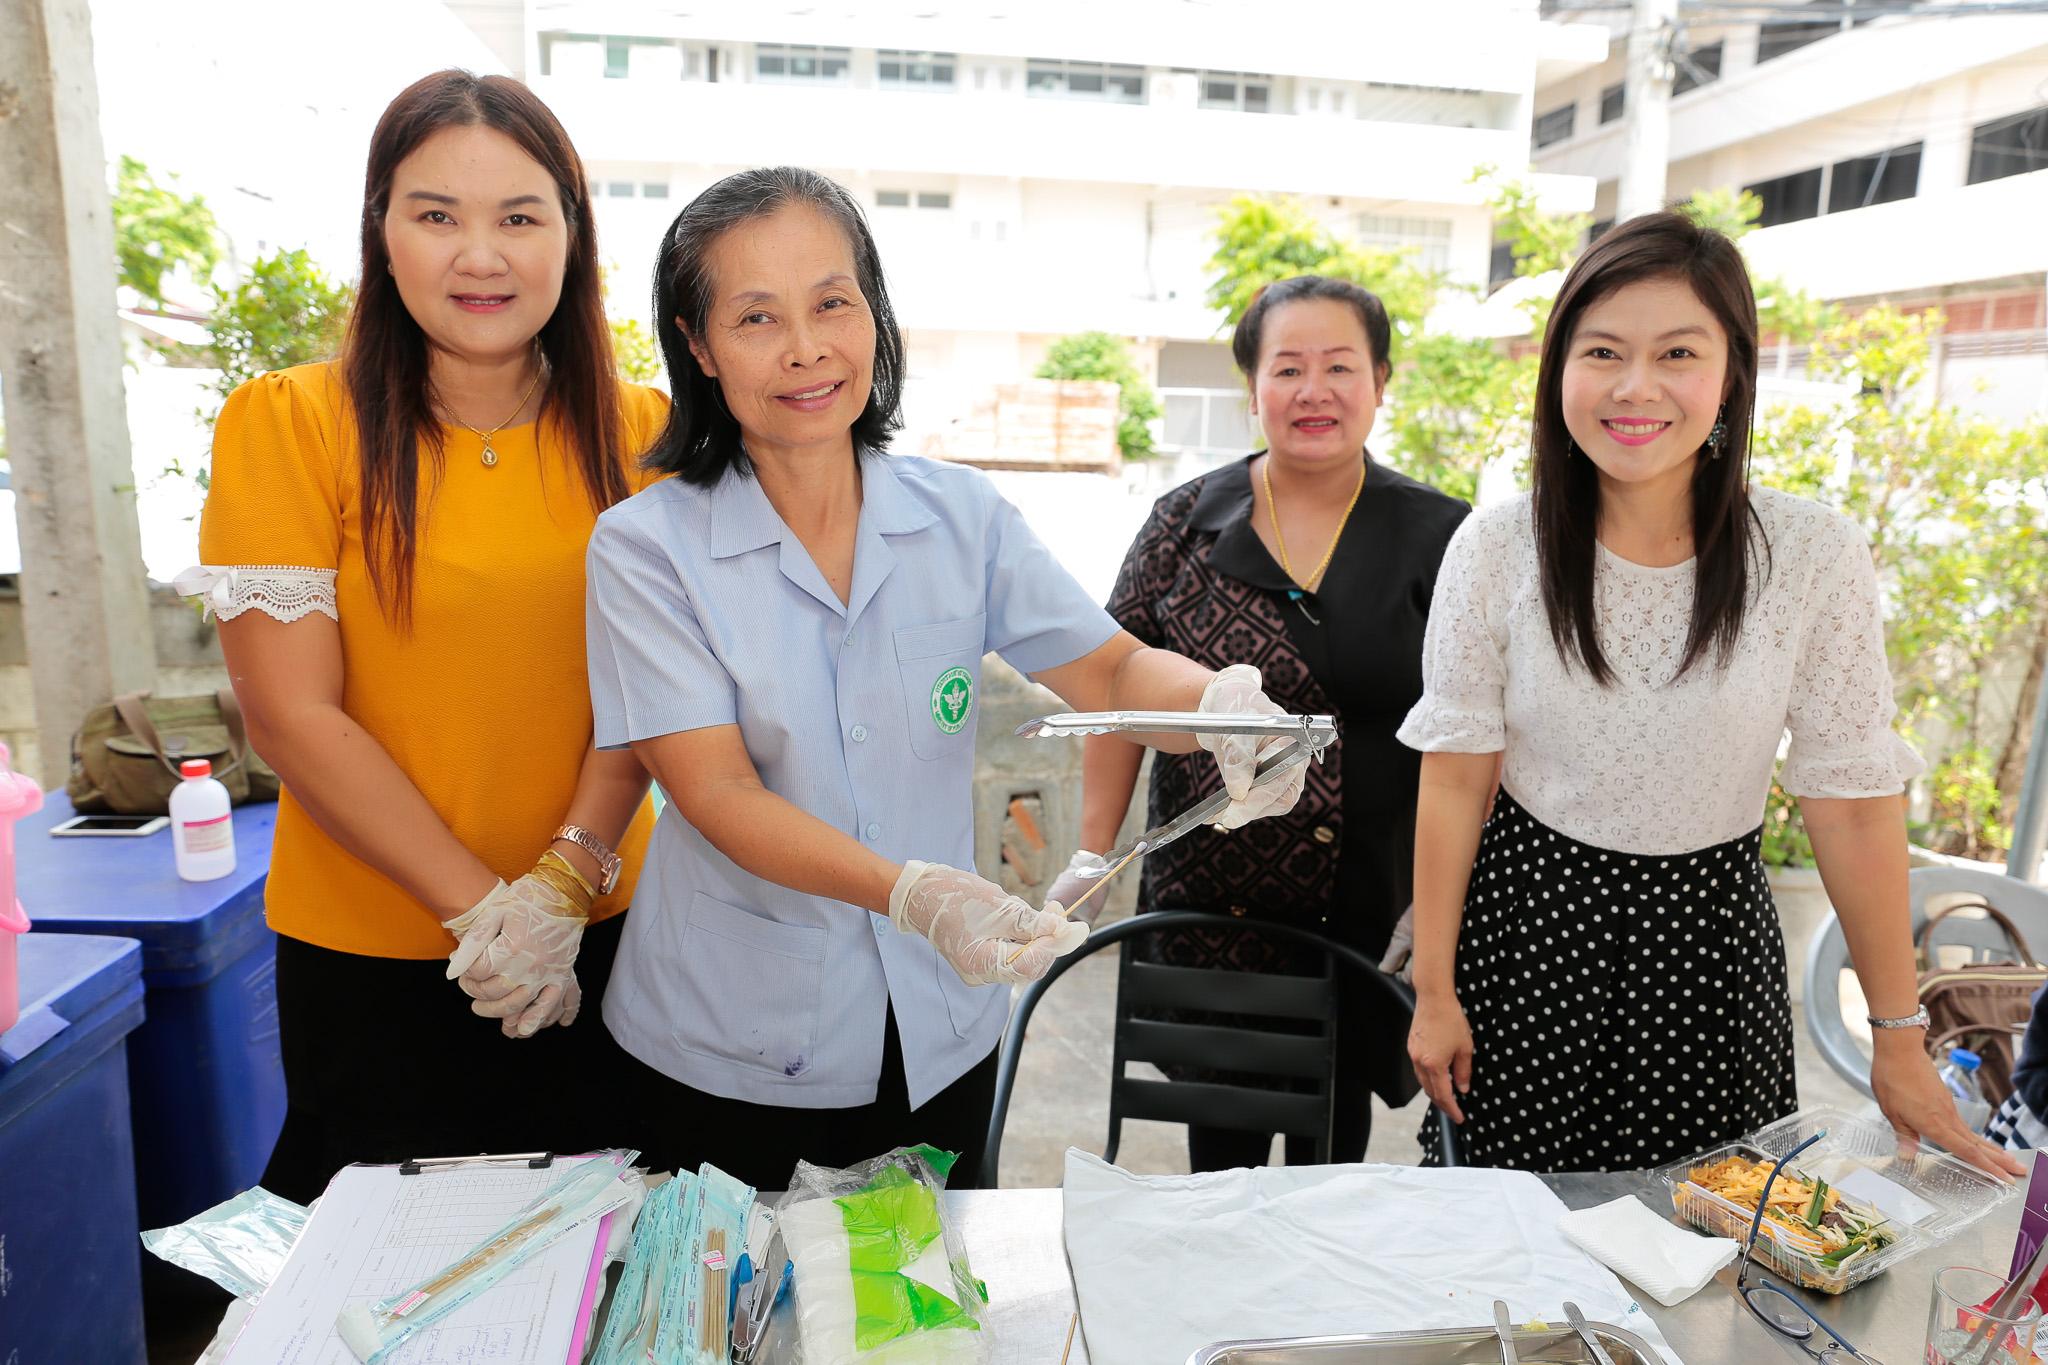 งานคุ้มครองผู้บริโภค โรงพยาบาลมหาสารคาม ตรวจเข้ม คุณภาพอาหารและสินค้า ที่จำหน่ายในร้านสวัสดิการ